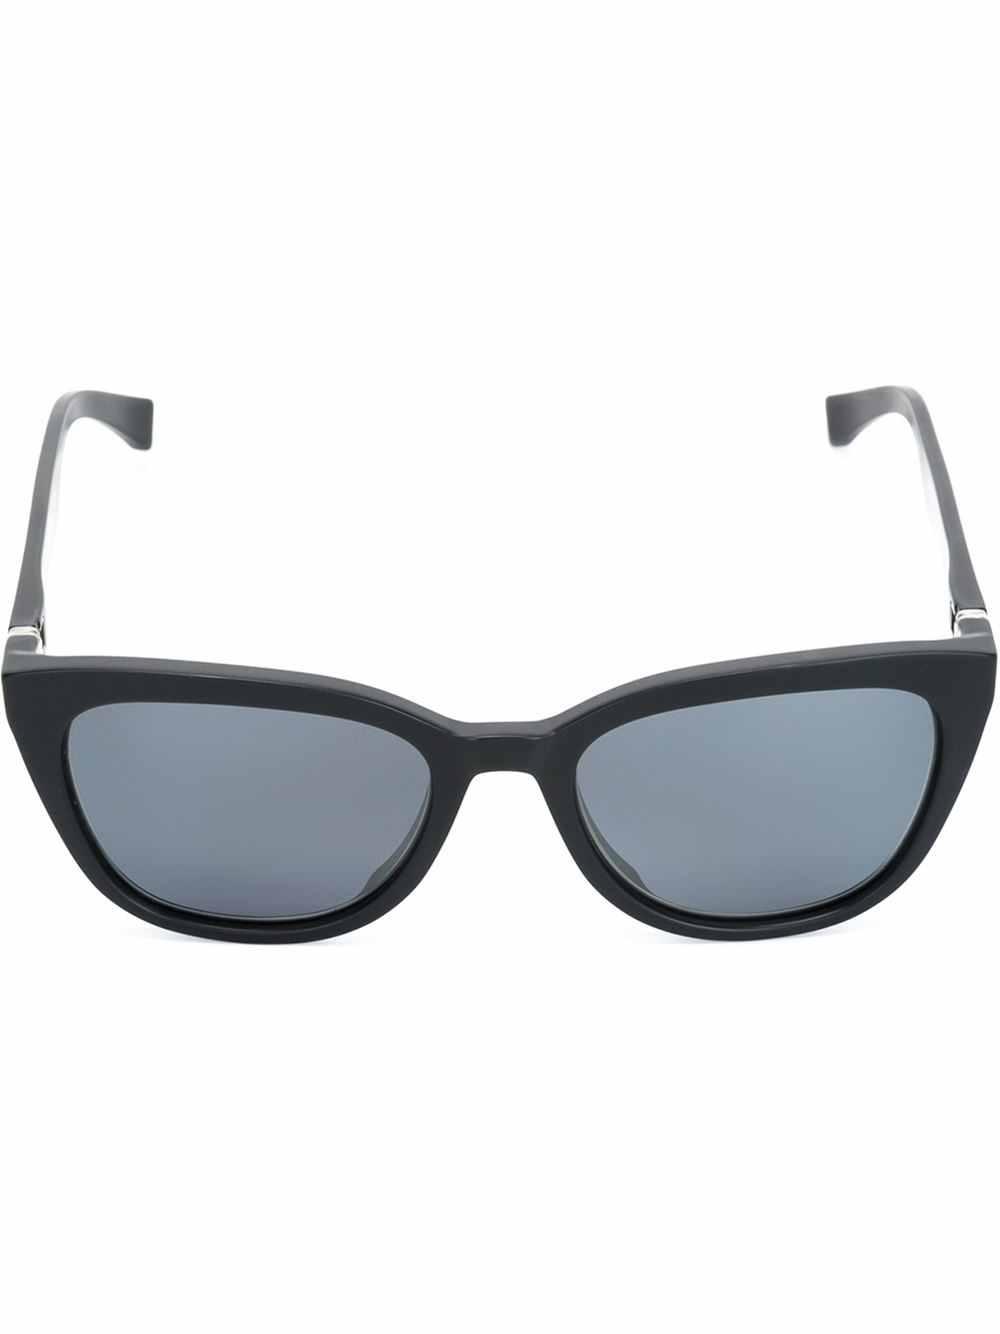 Mykita - lunettes (319€)